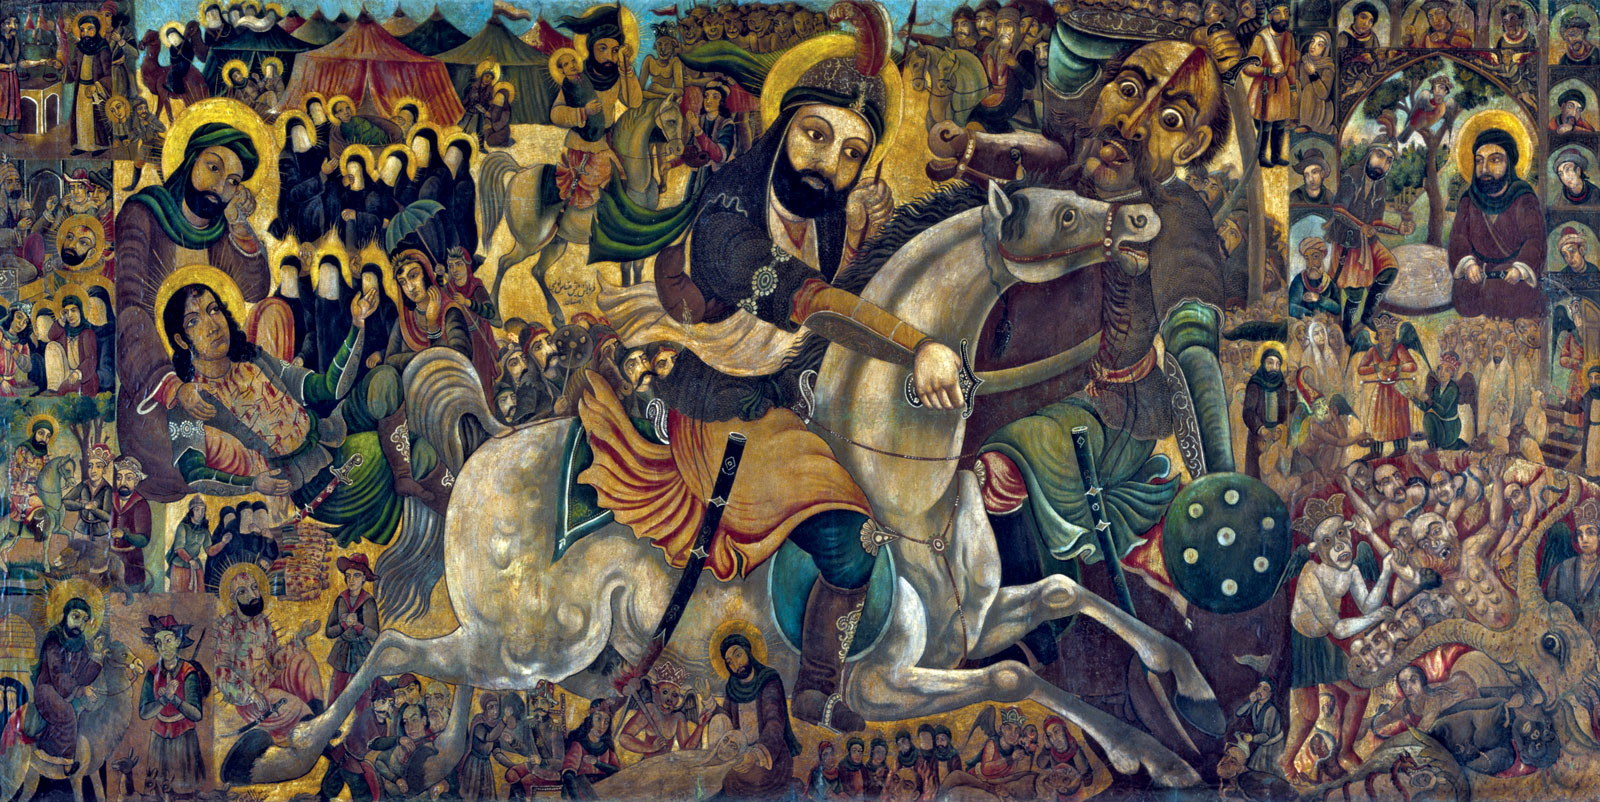 Нурулла Элфайанан, «Битва при Кербеле»